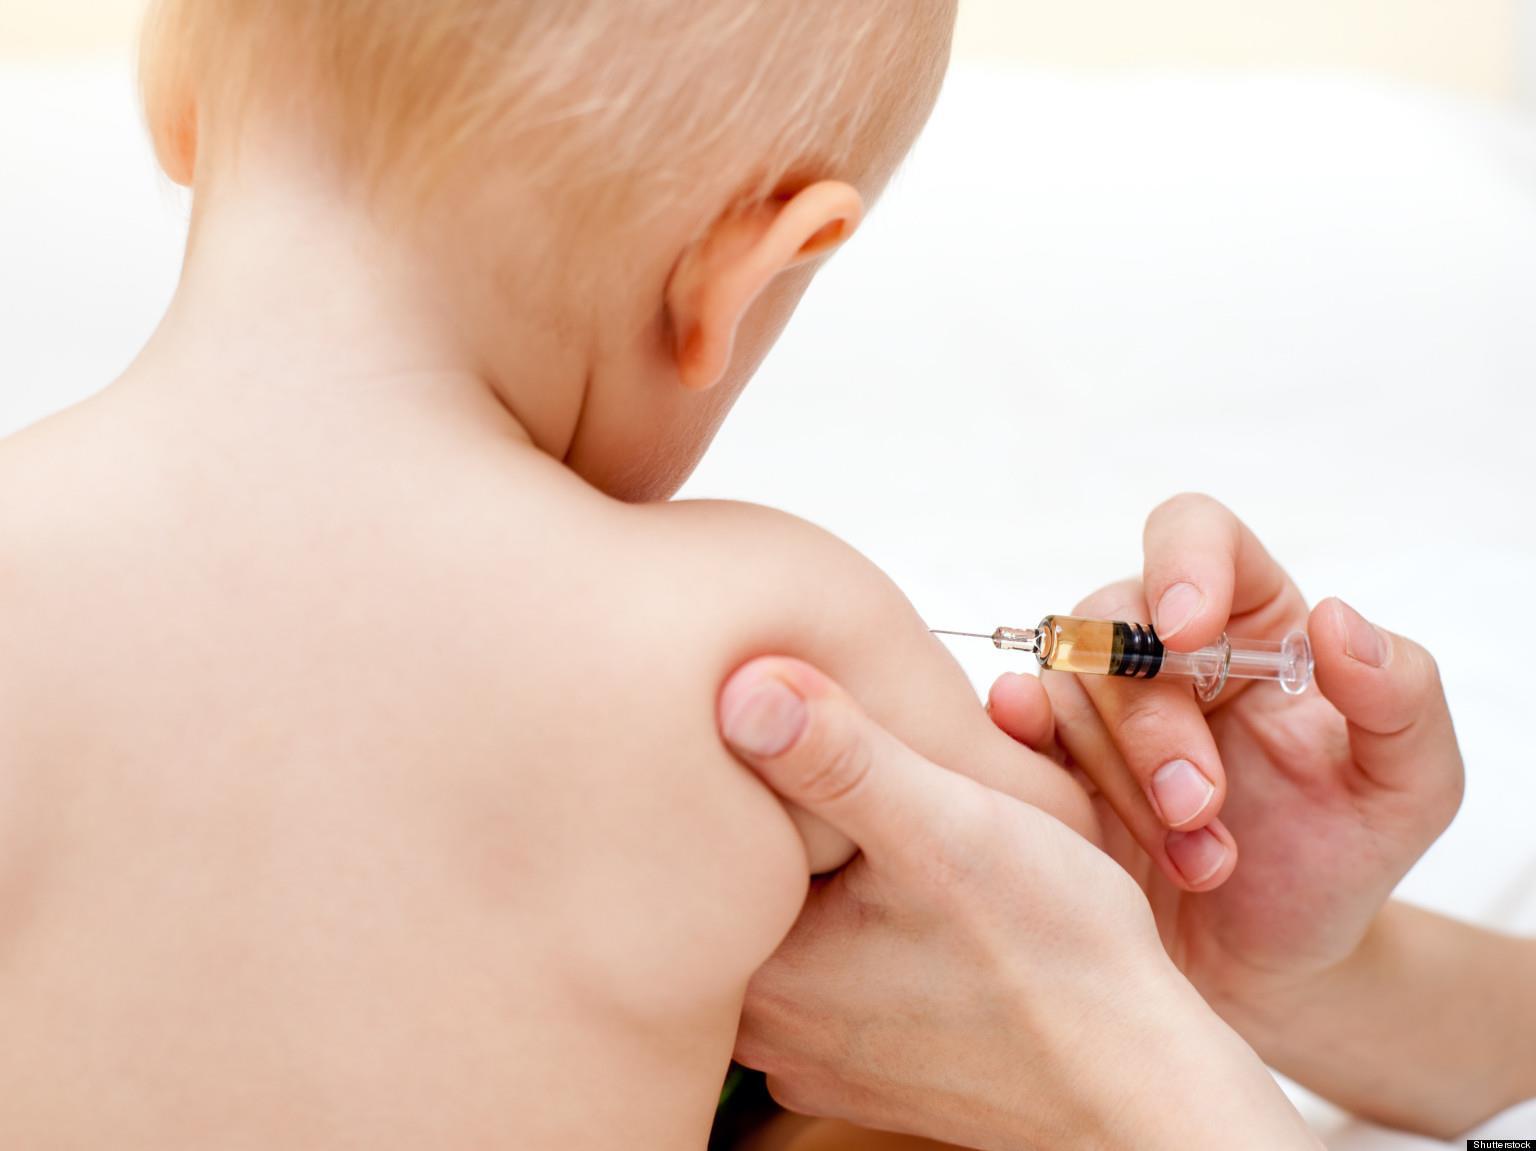 واکسن نوزاد شش ماهه